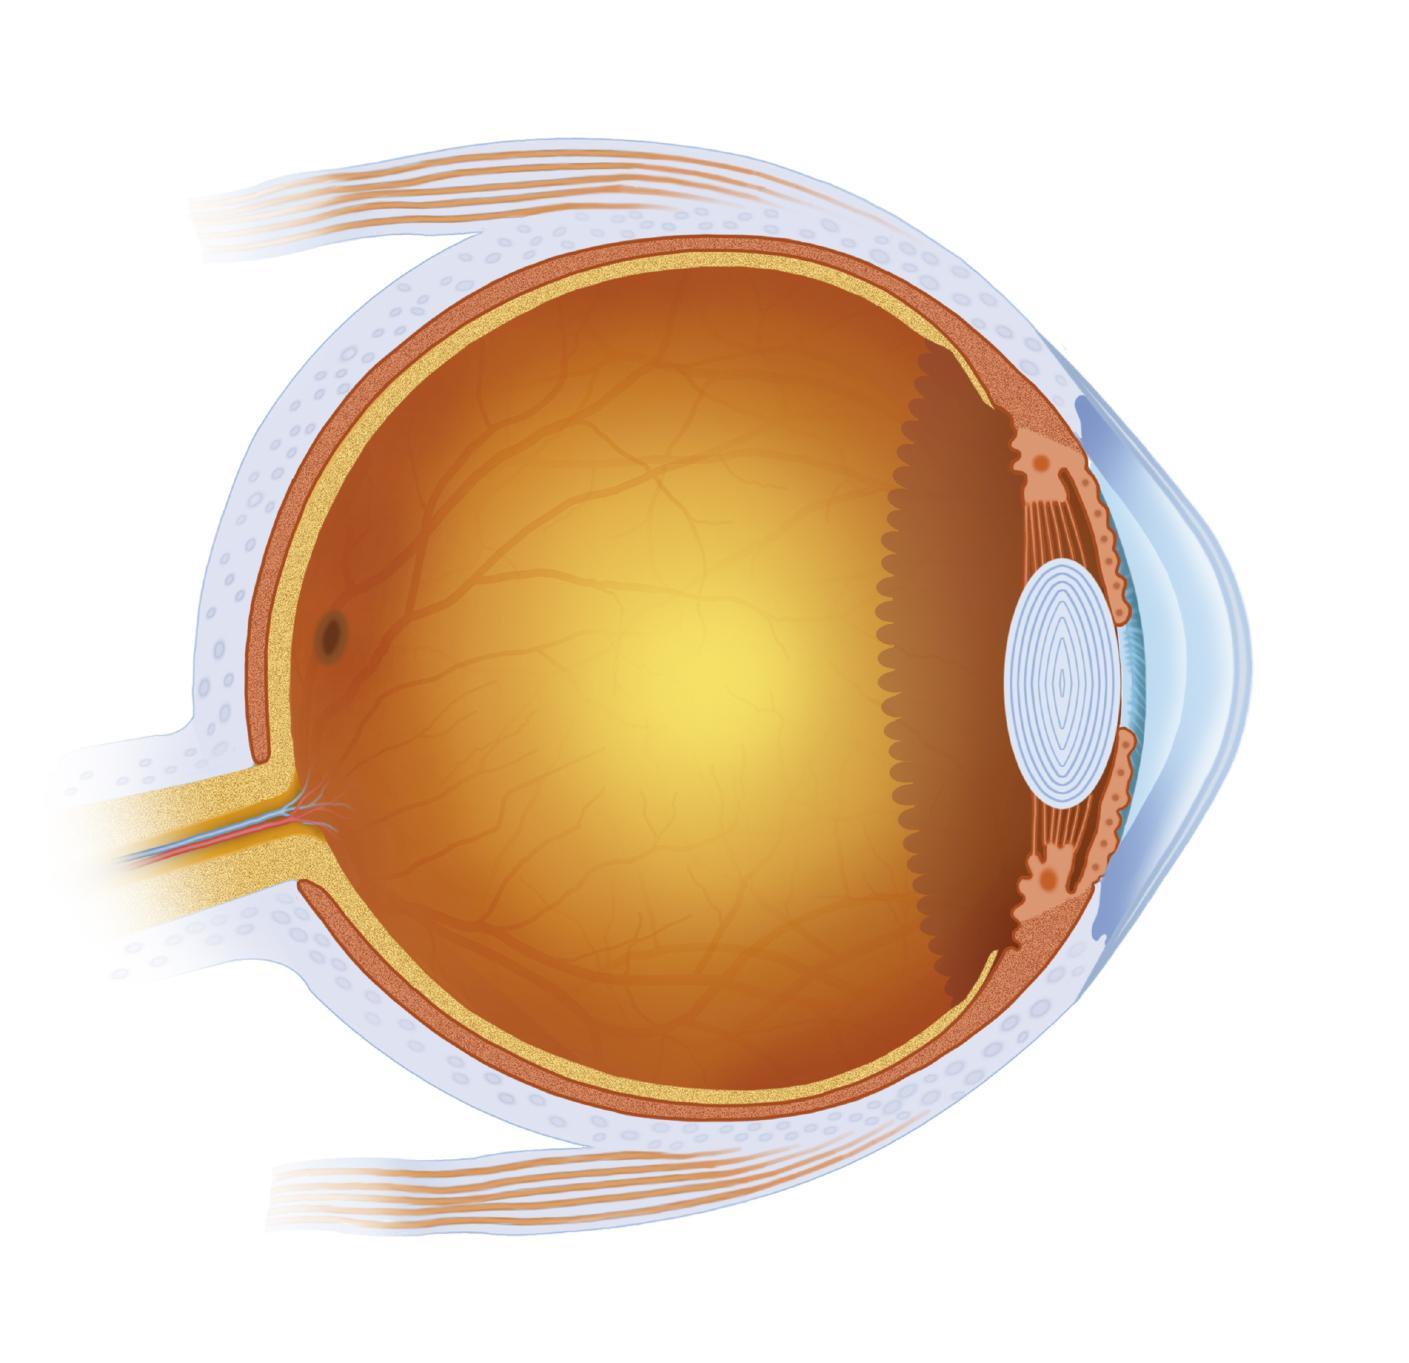 Ilustración del ojo